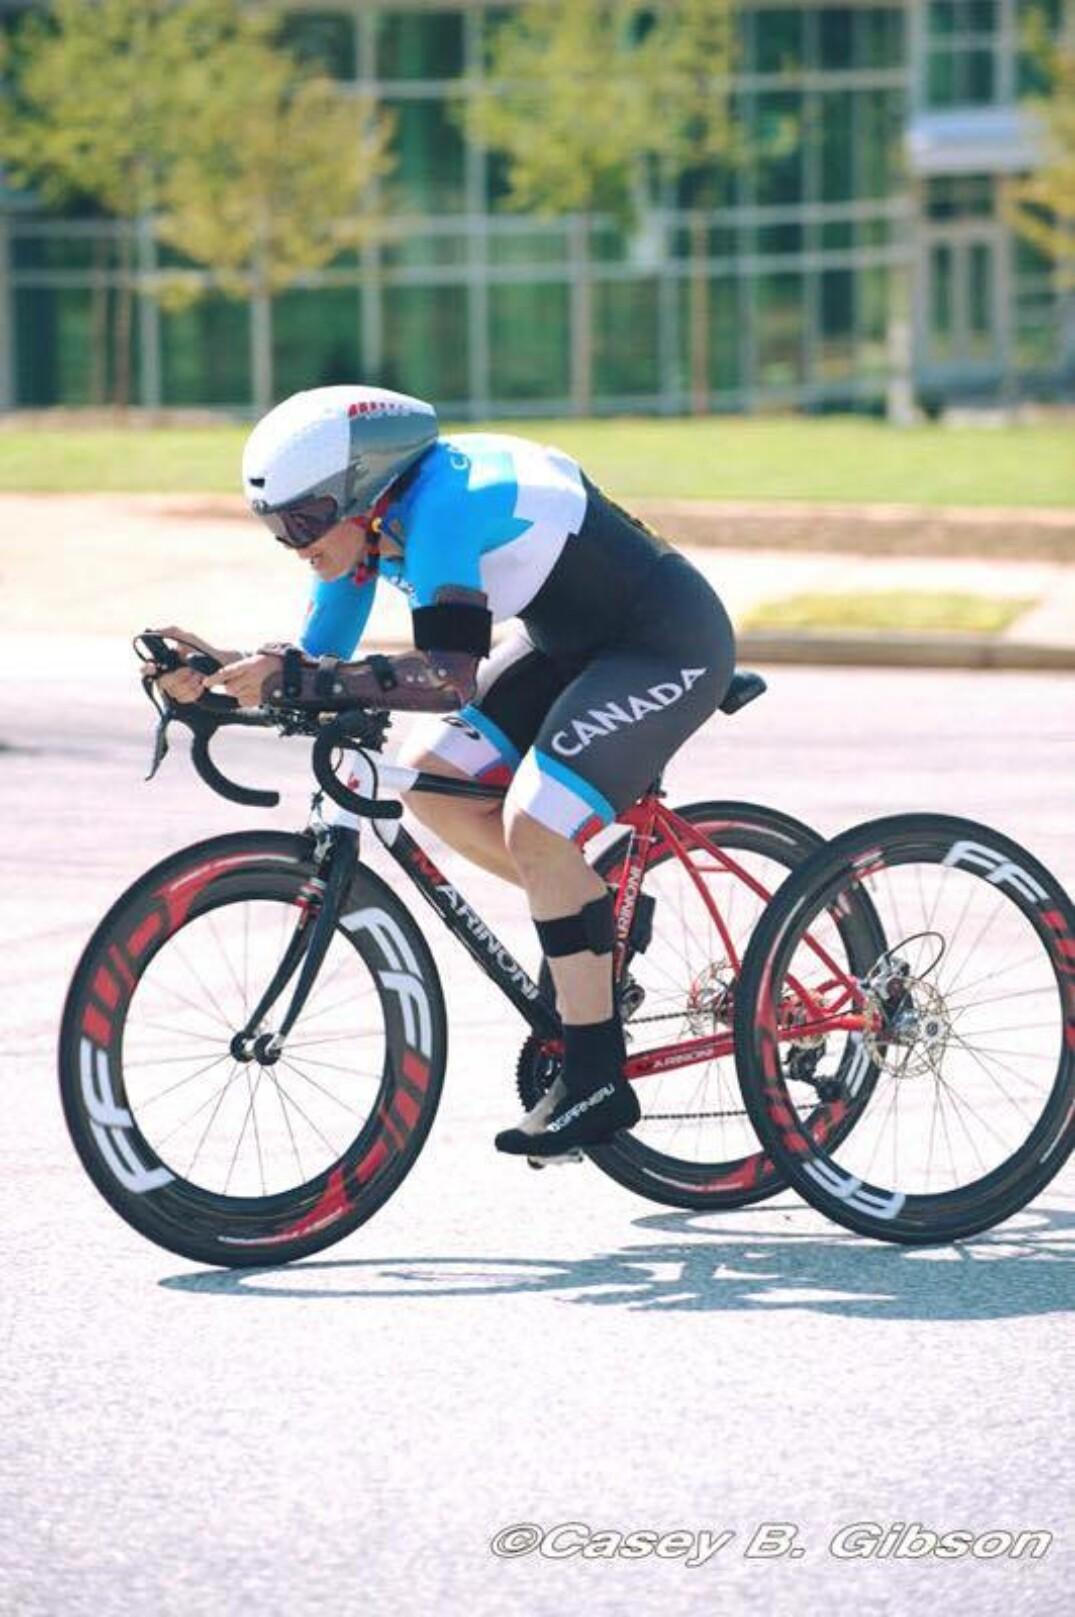 Marie-Ève Croteau sera en action vendredi lors des Championnats du monde Para Route 2019 à Emmen, aux Pays-Bas